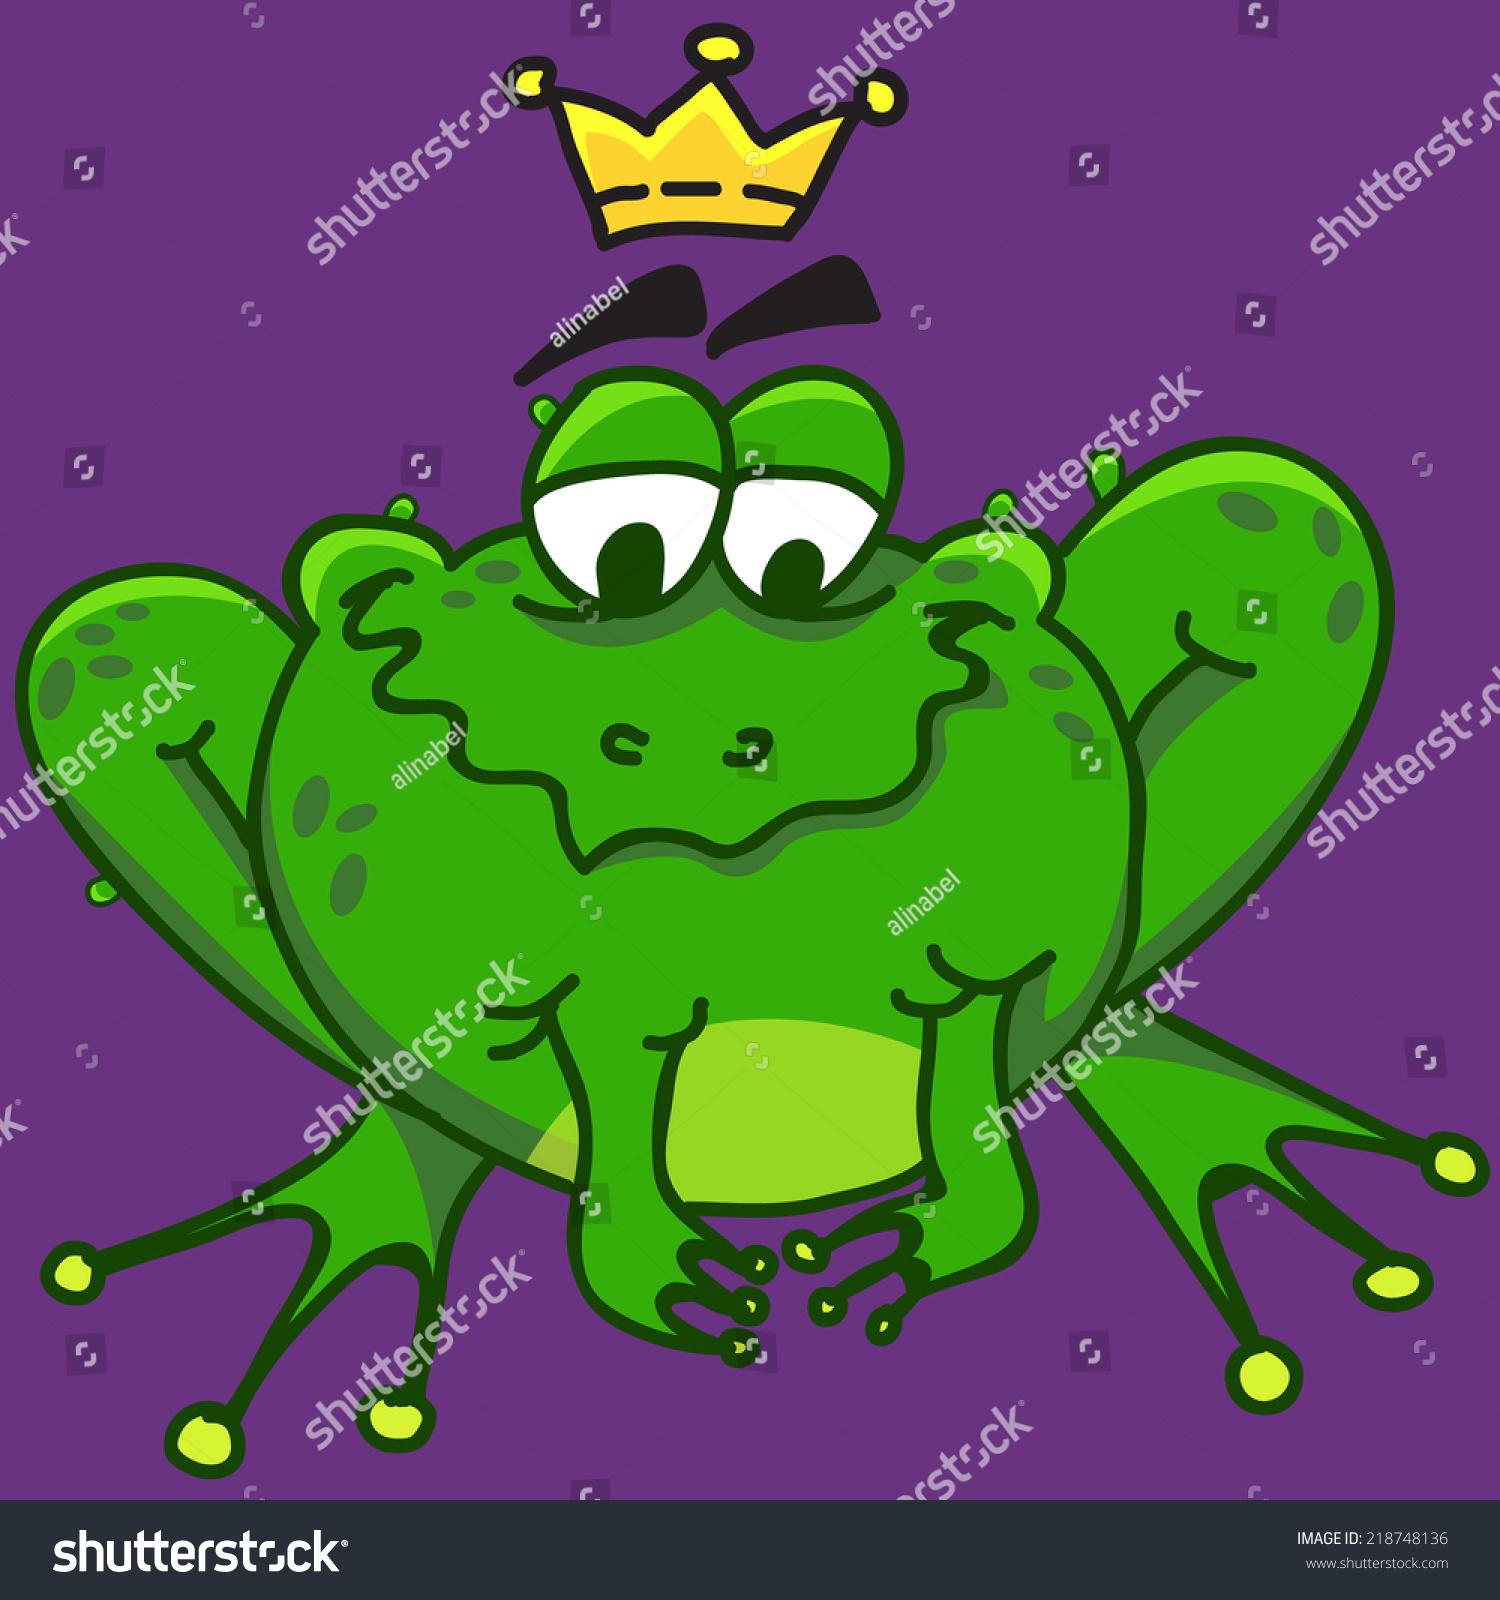 可爱卡通青蛙壁纸